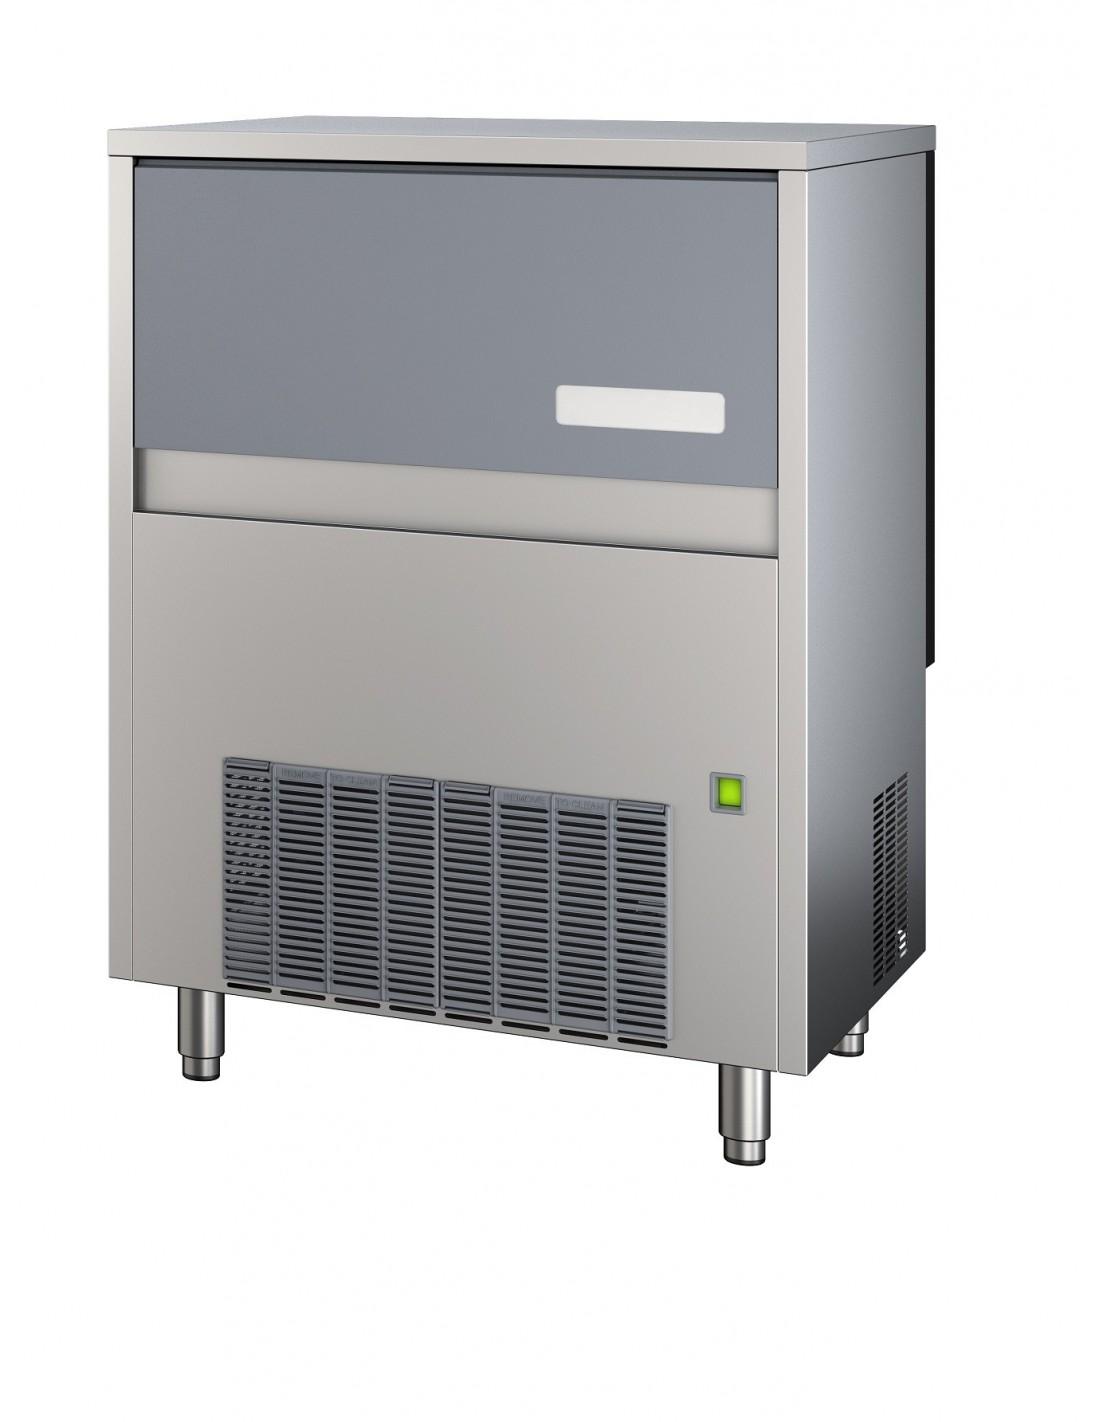 Fabbricatore di ghiaccio a granuli pressati SLT 290